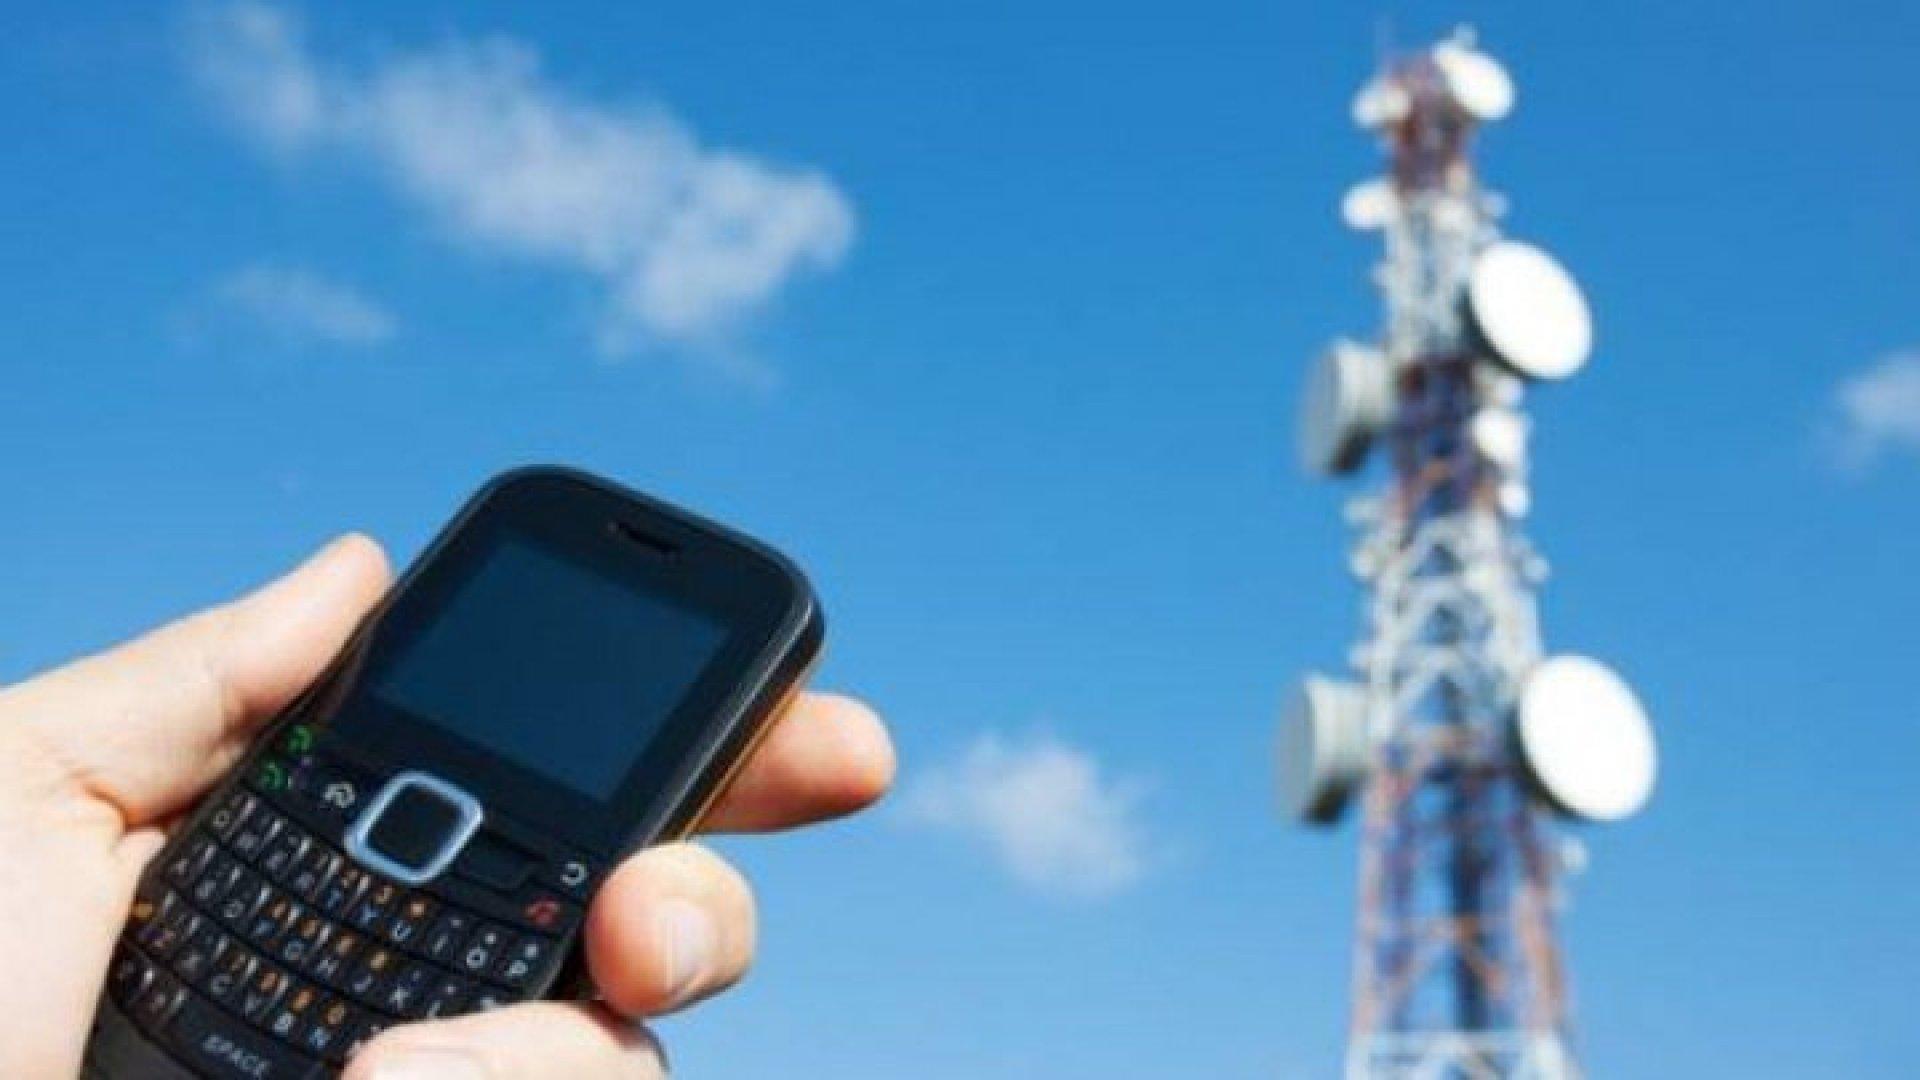 Piața serviciilor de telefonie mobilă continuă dinamica negativă